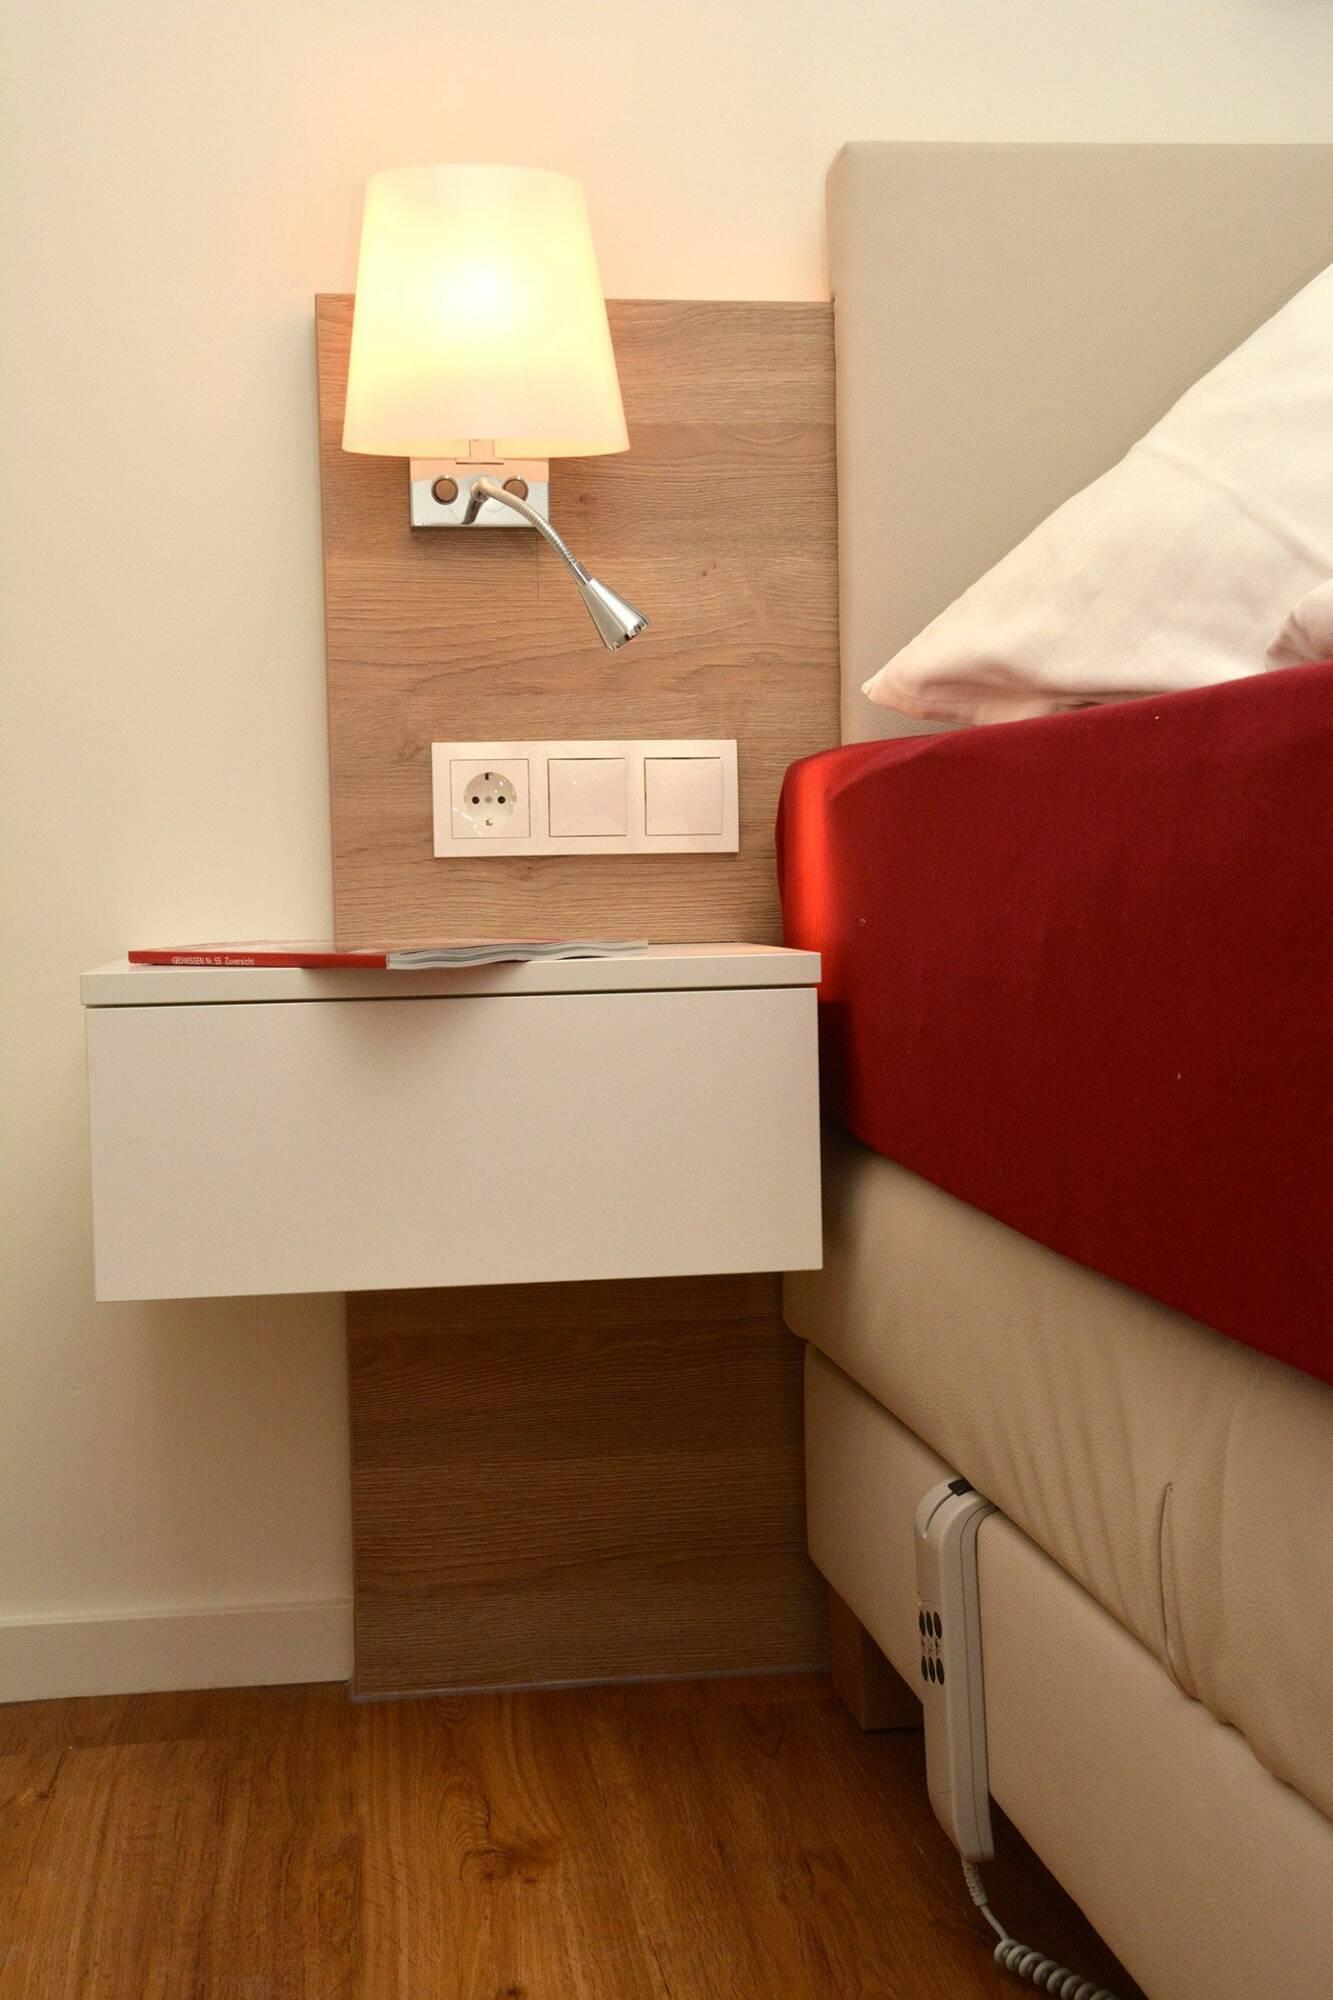 Norderney ferienwohnung 2 schlafzimmer  storchennest-norderney-ferienwohnung-norderney-schlafzimmer-2 - Haus ...